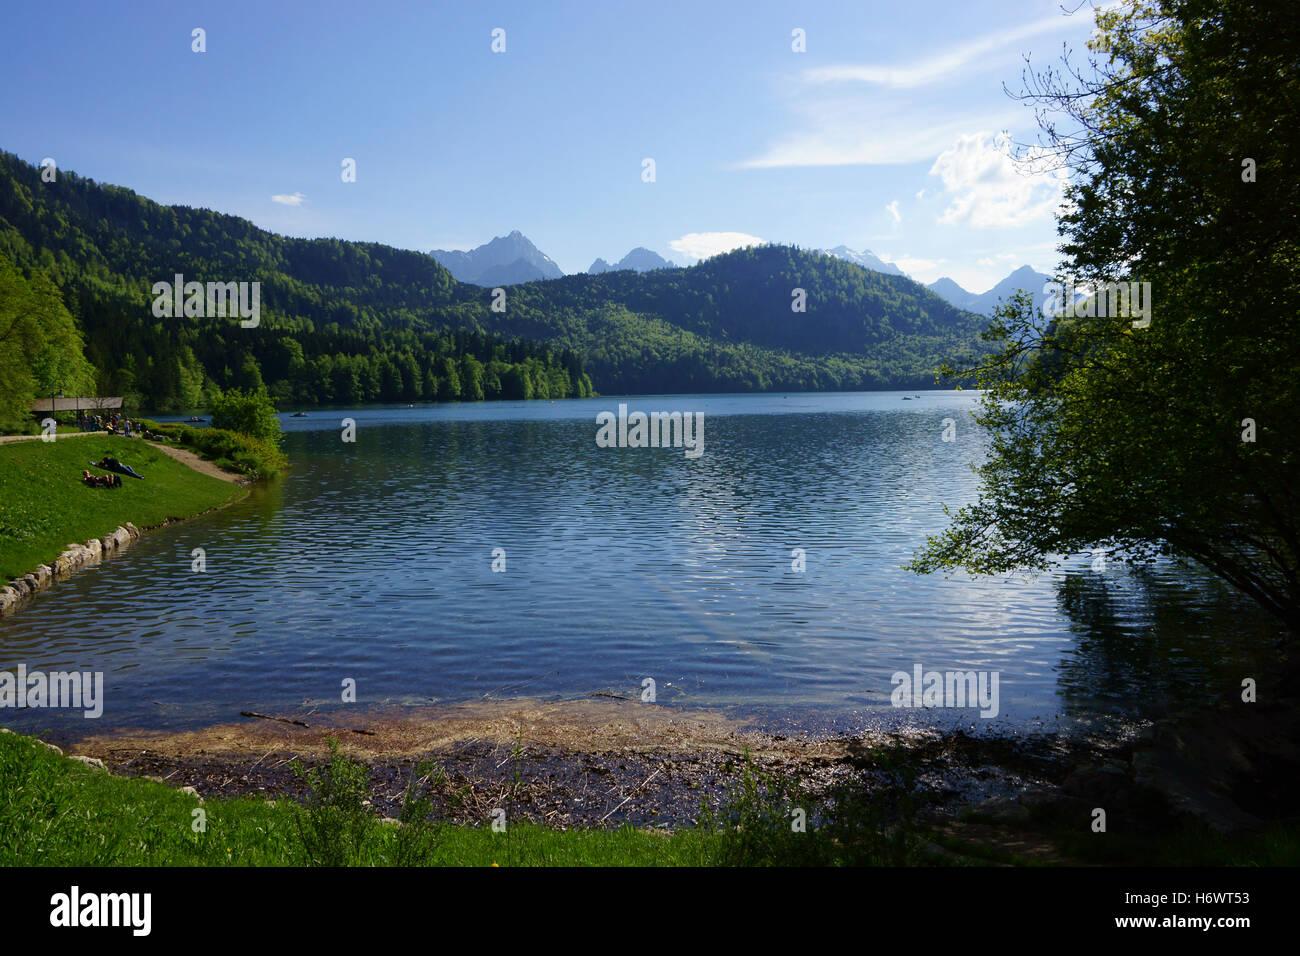 Alpsee, Alp Lake, at Neuschwanstein, Allgäu, Bavaria, Germany - Stock Image